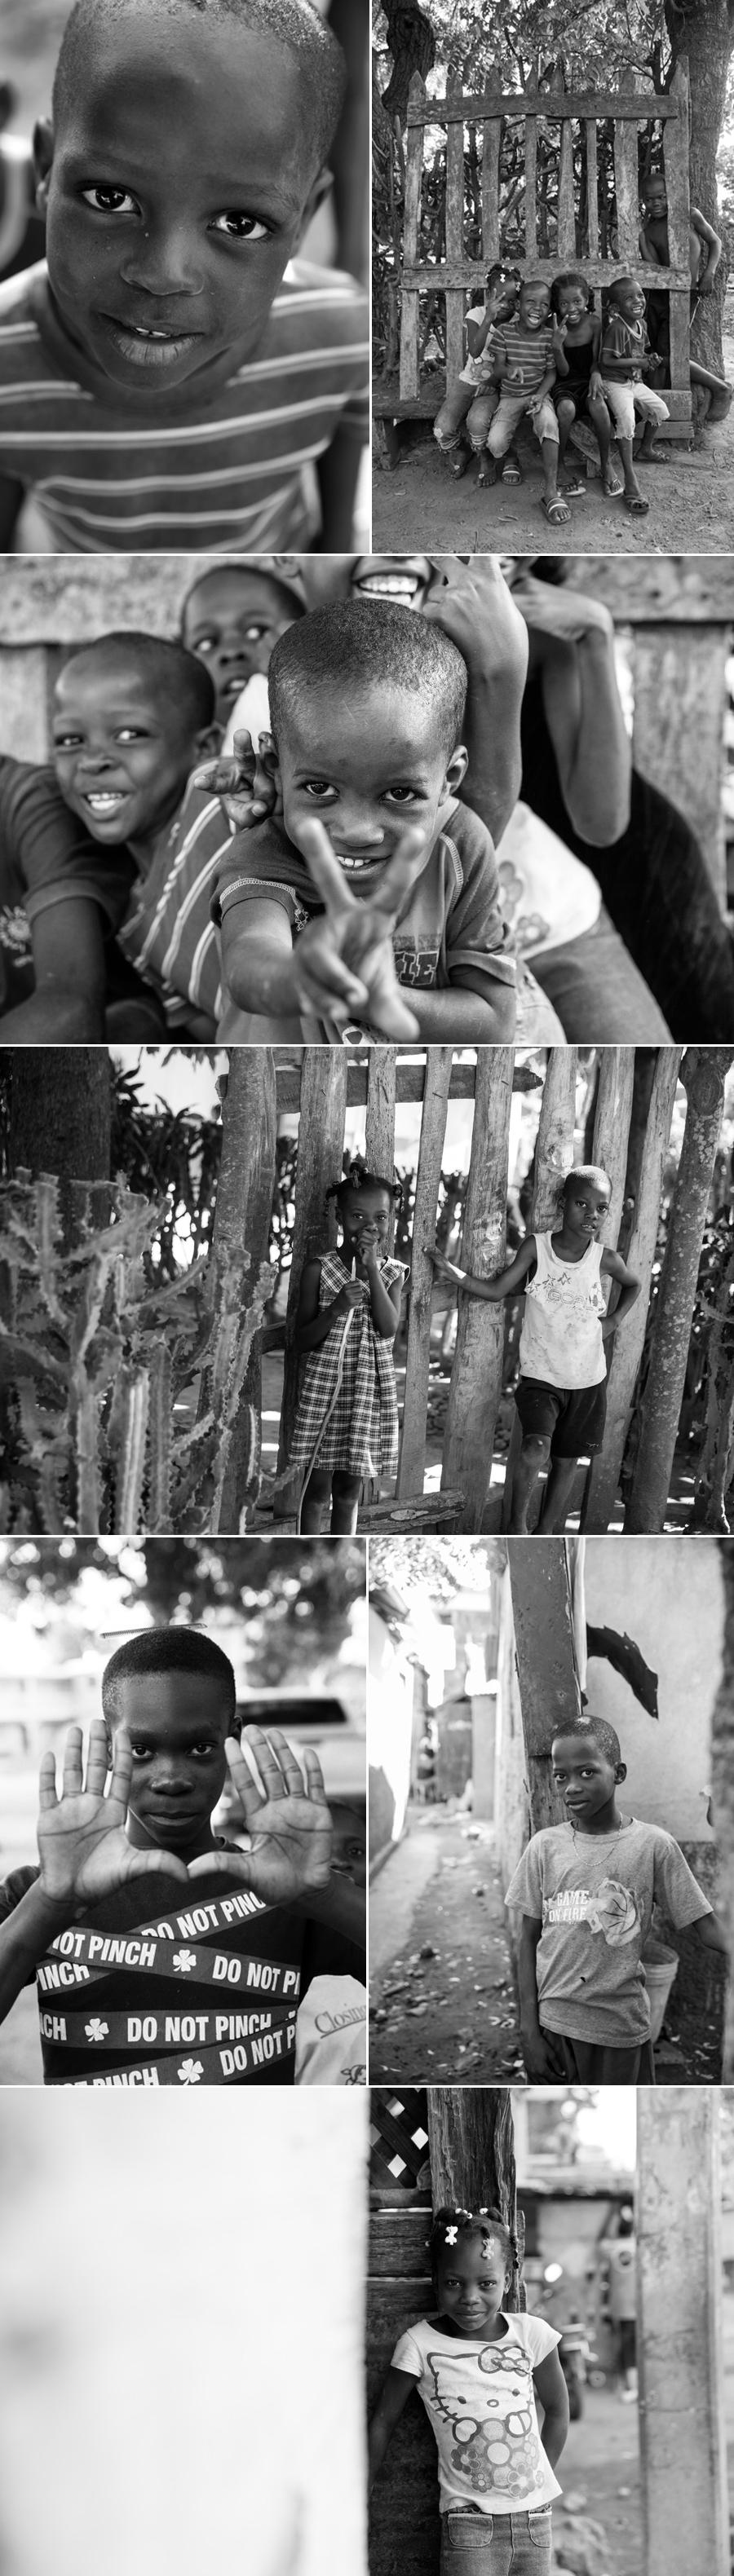 Haiti_Children_Roadside